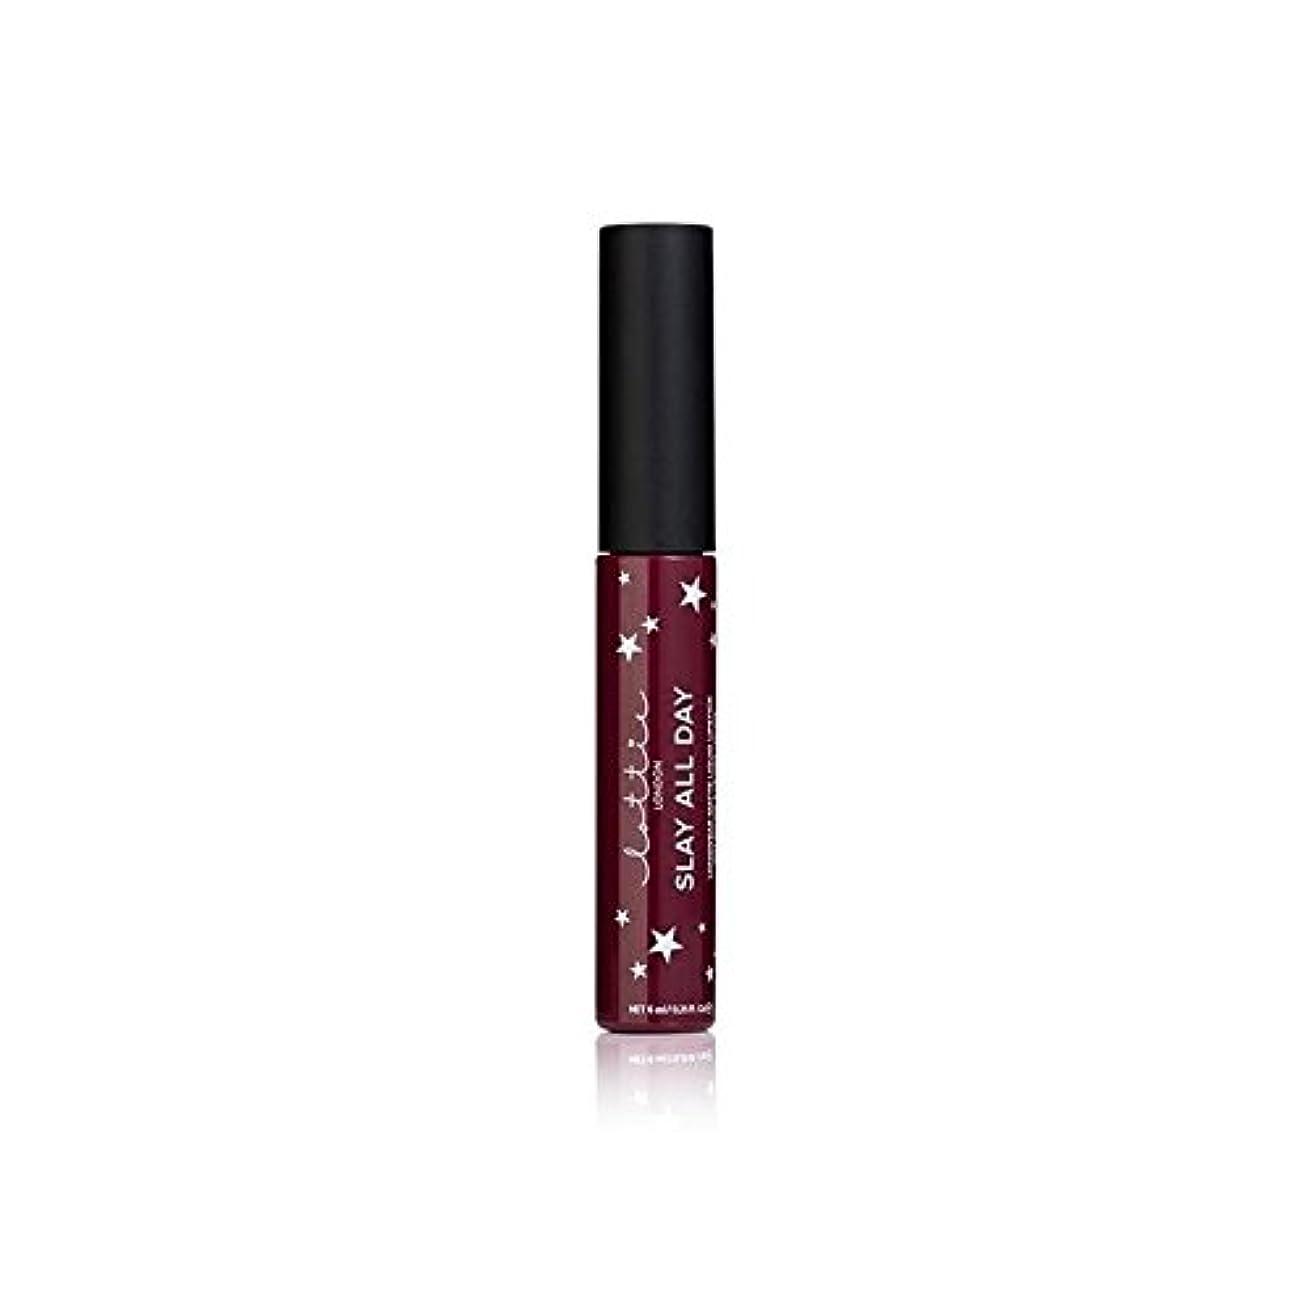 操作可能先住民療法Lottie London Matte Liquid Lipstick - Vibes (Pack of 6) - ロンドンマット液状口紅を - バイブ x6 [並行輸入品]